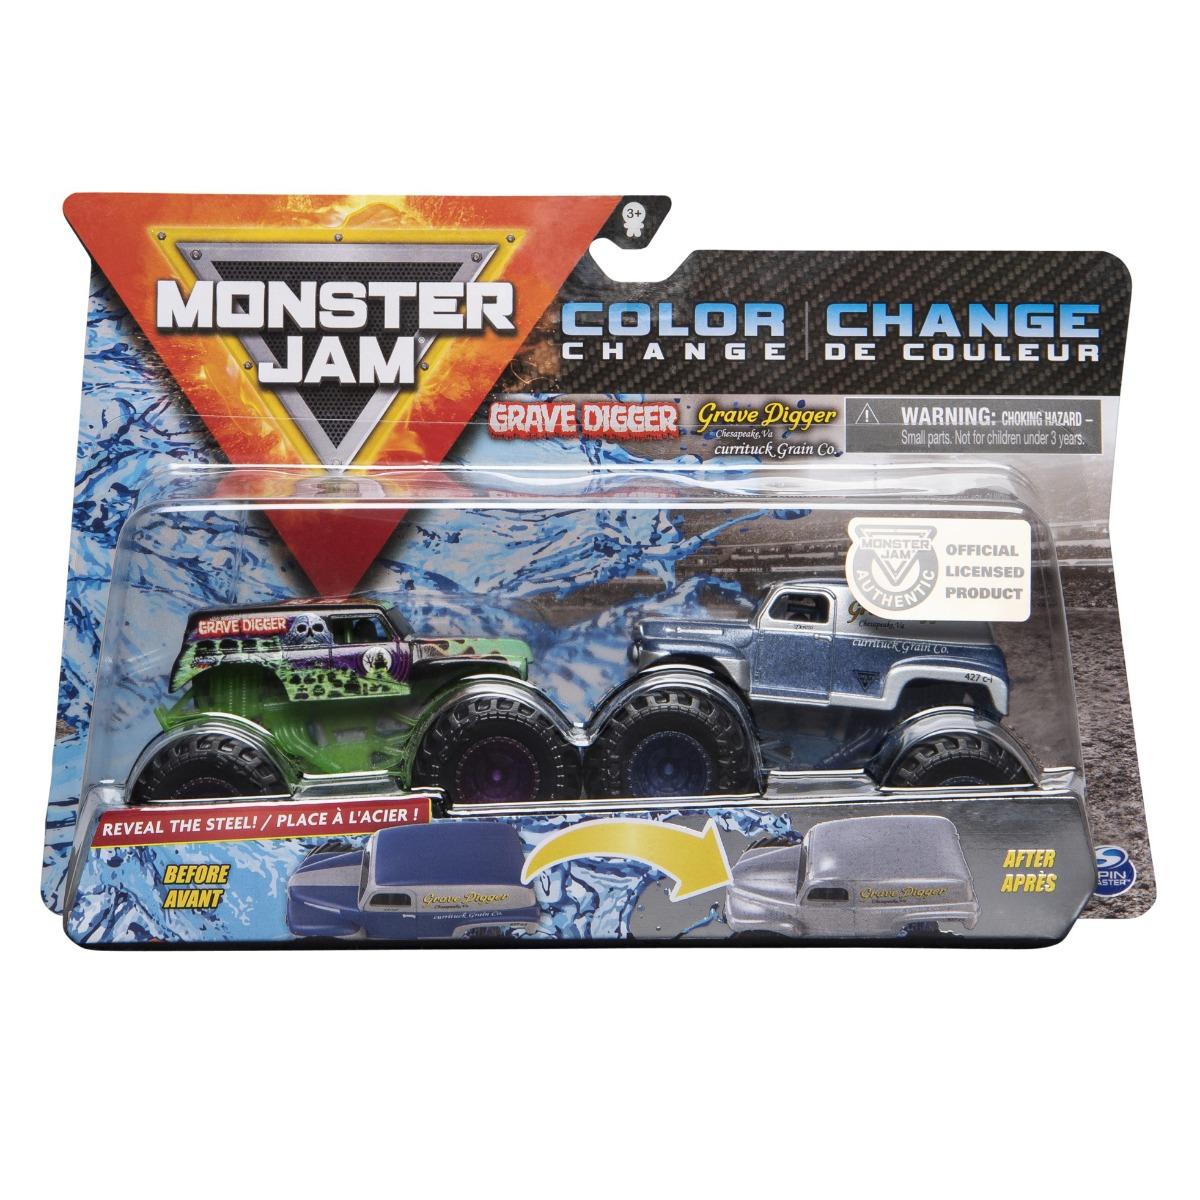 Set 2 masini Monster Jam, Scara 1:64, Grave Digger si Grave Digger Chesapeake